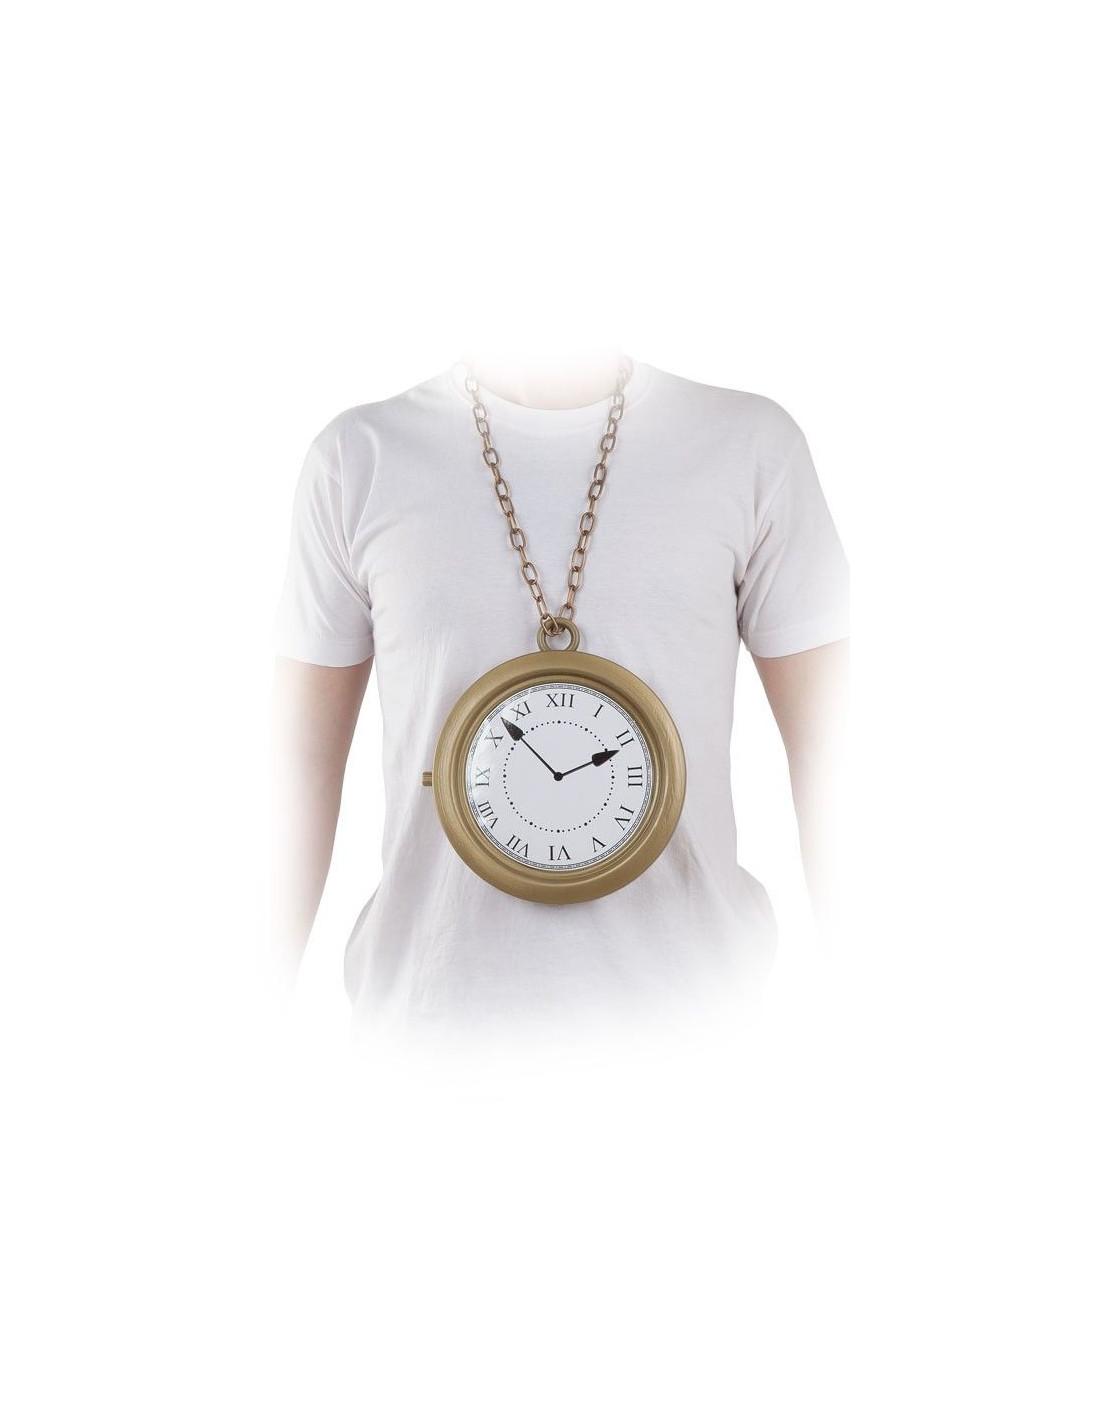 Reloj gigante comprar en tienda disfraces bacanal - Reloj gigante pared ...